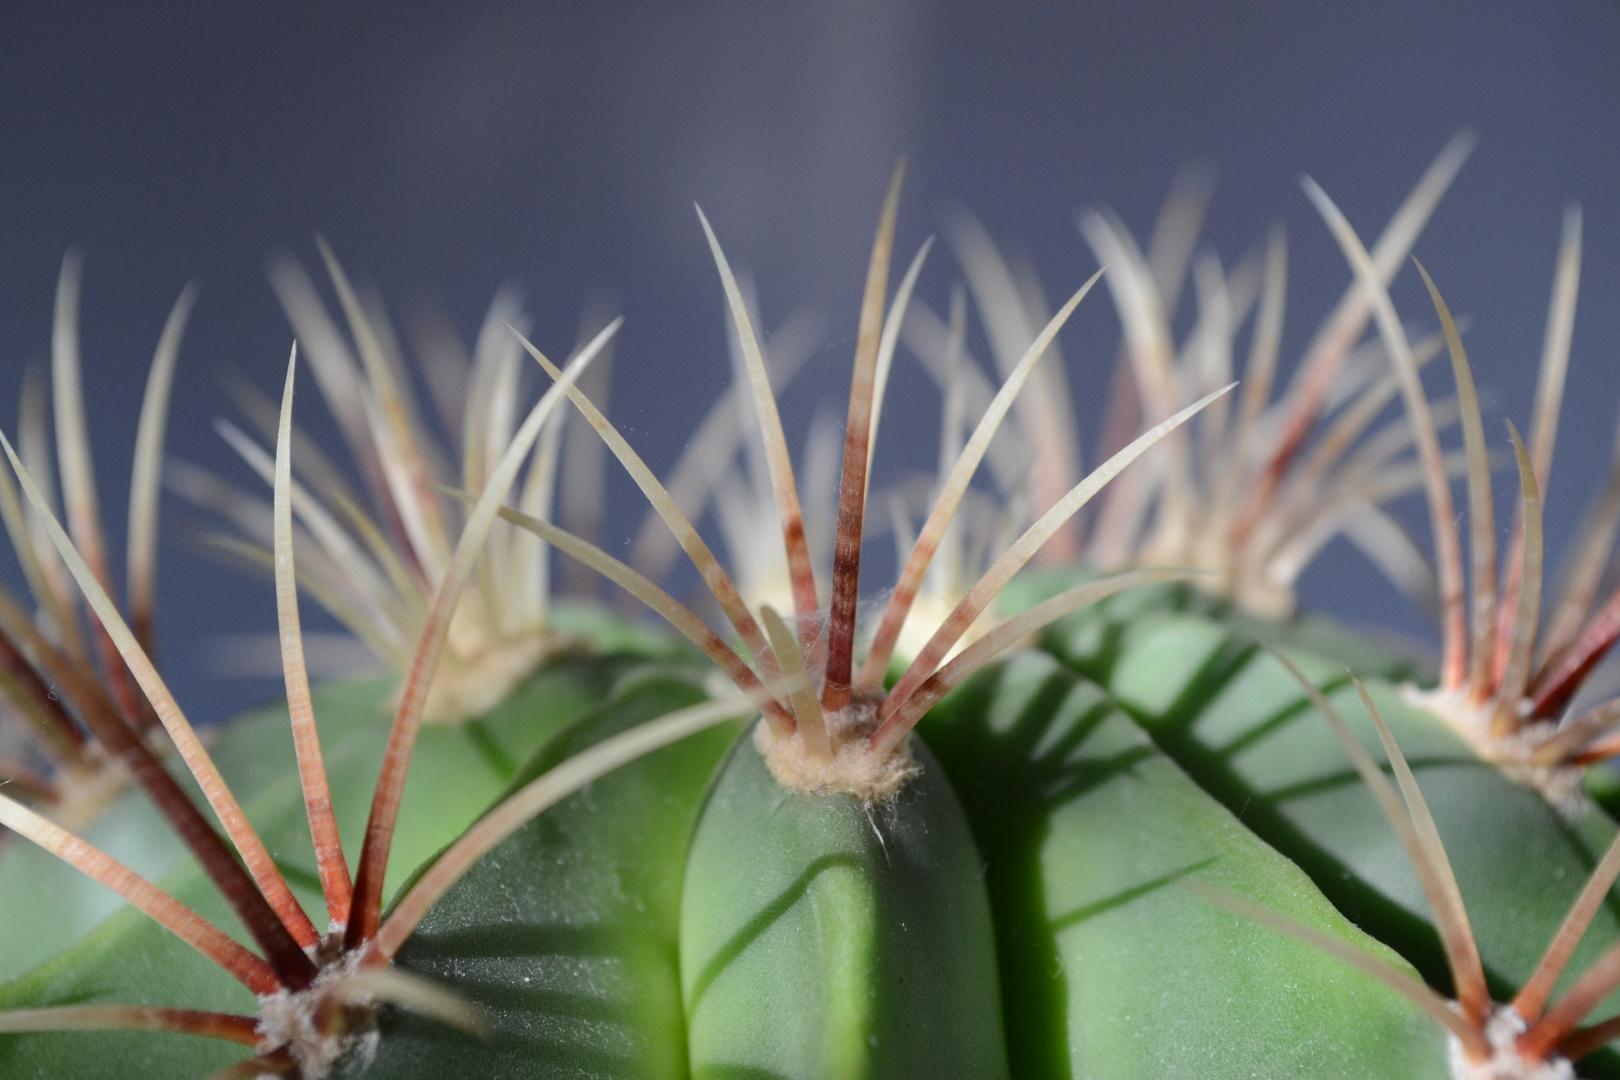 ....mein kleiner grüner Kaktus....